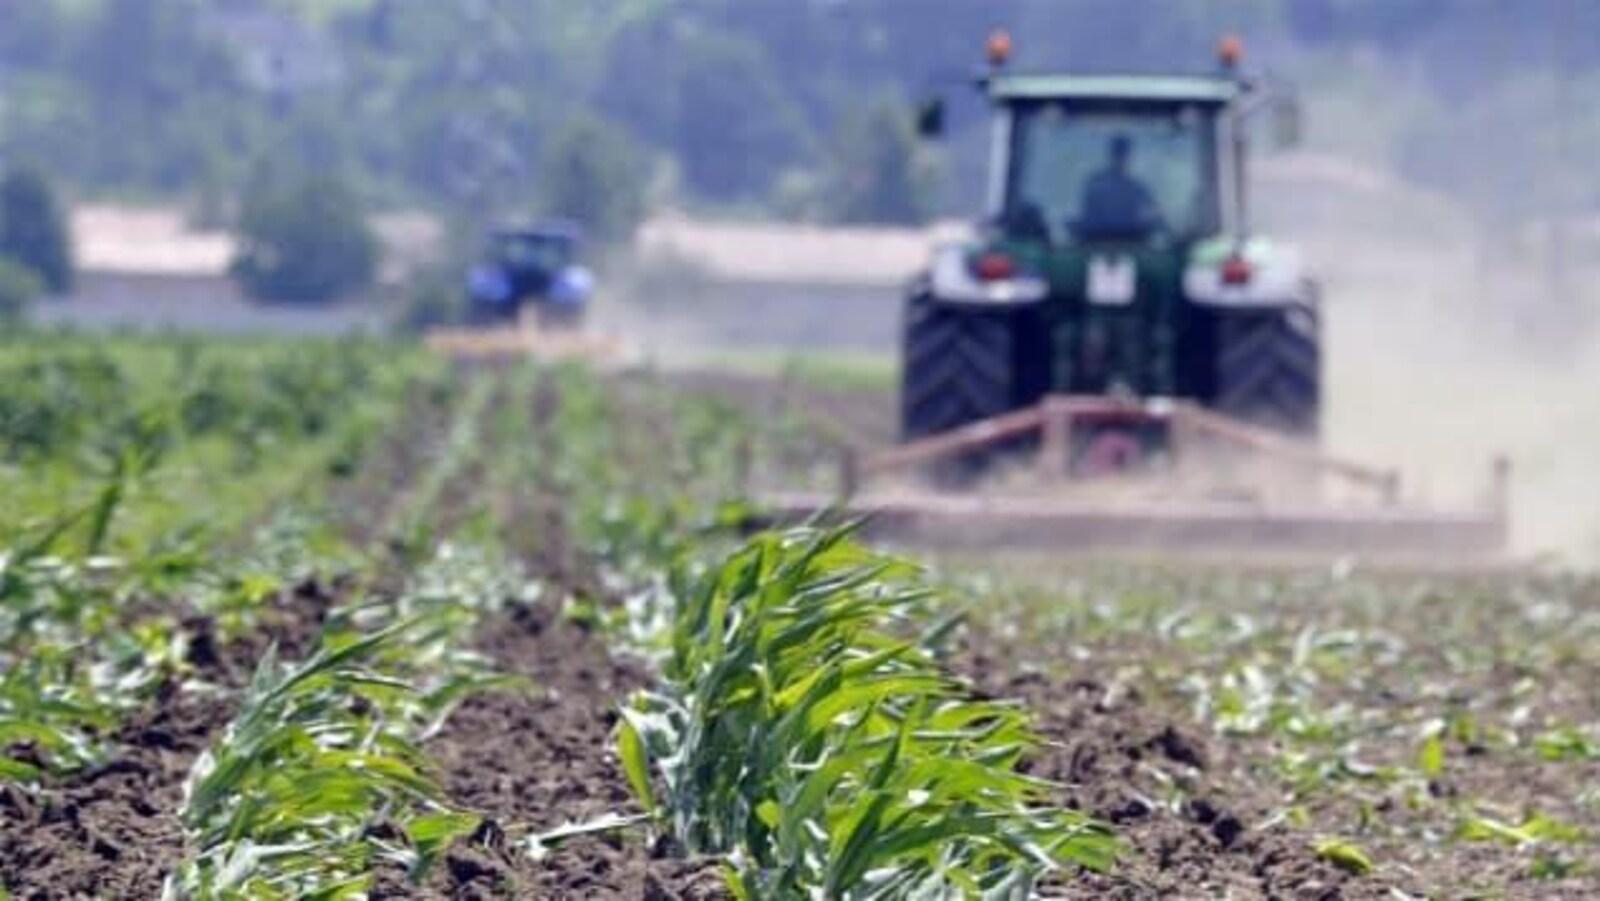 Un tracteur dans un champ de céréales.